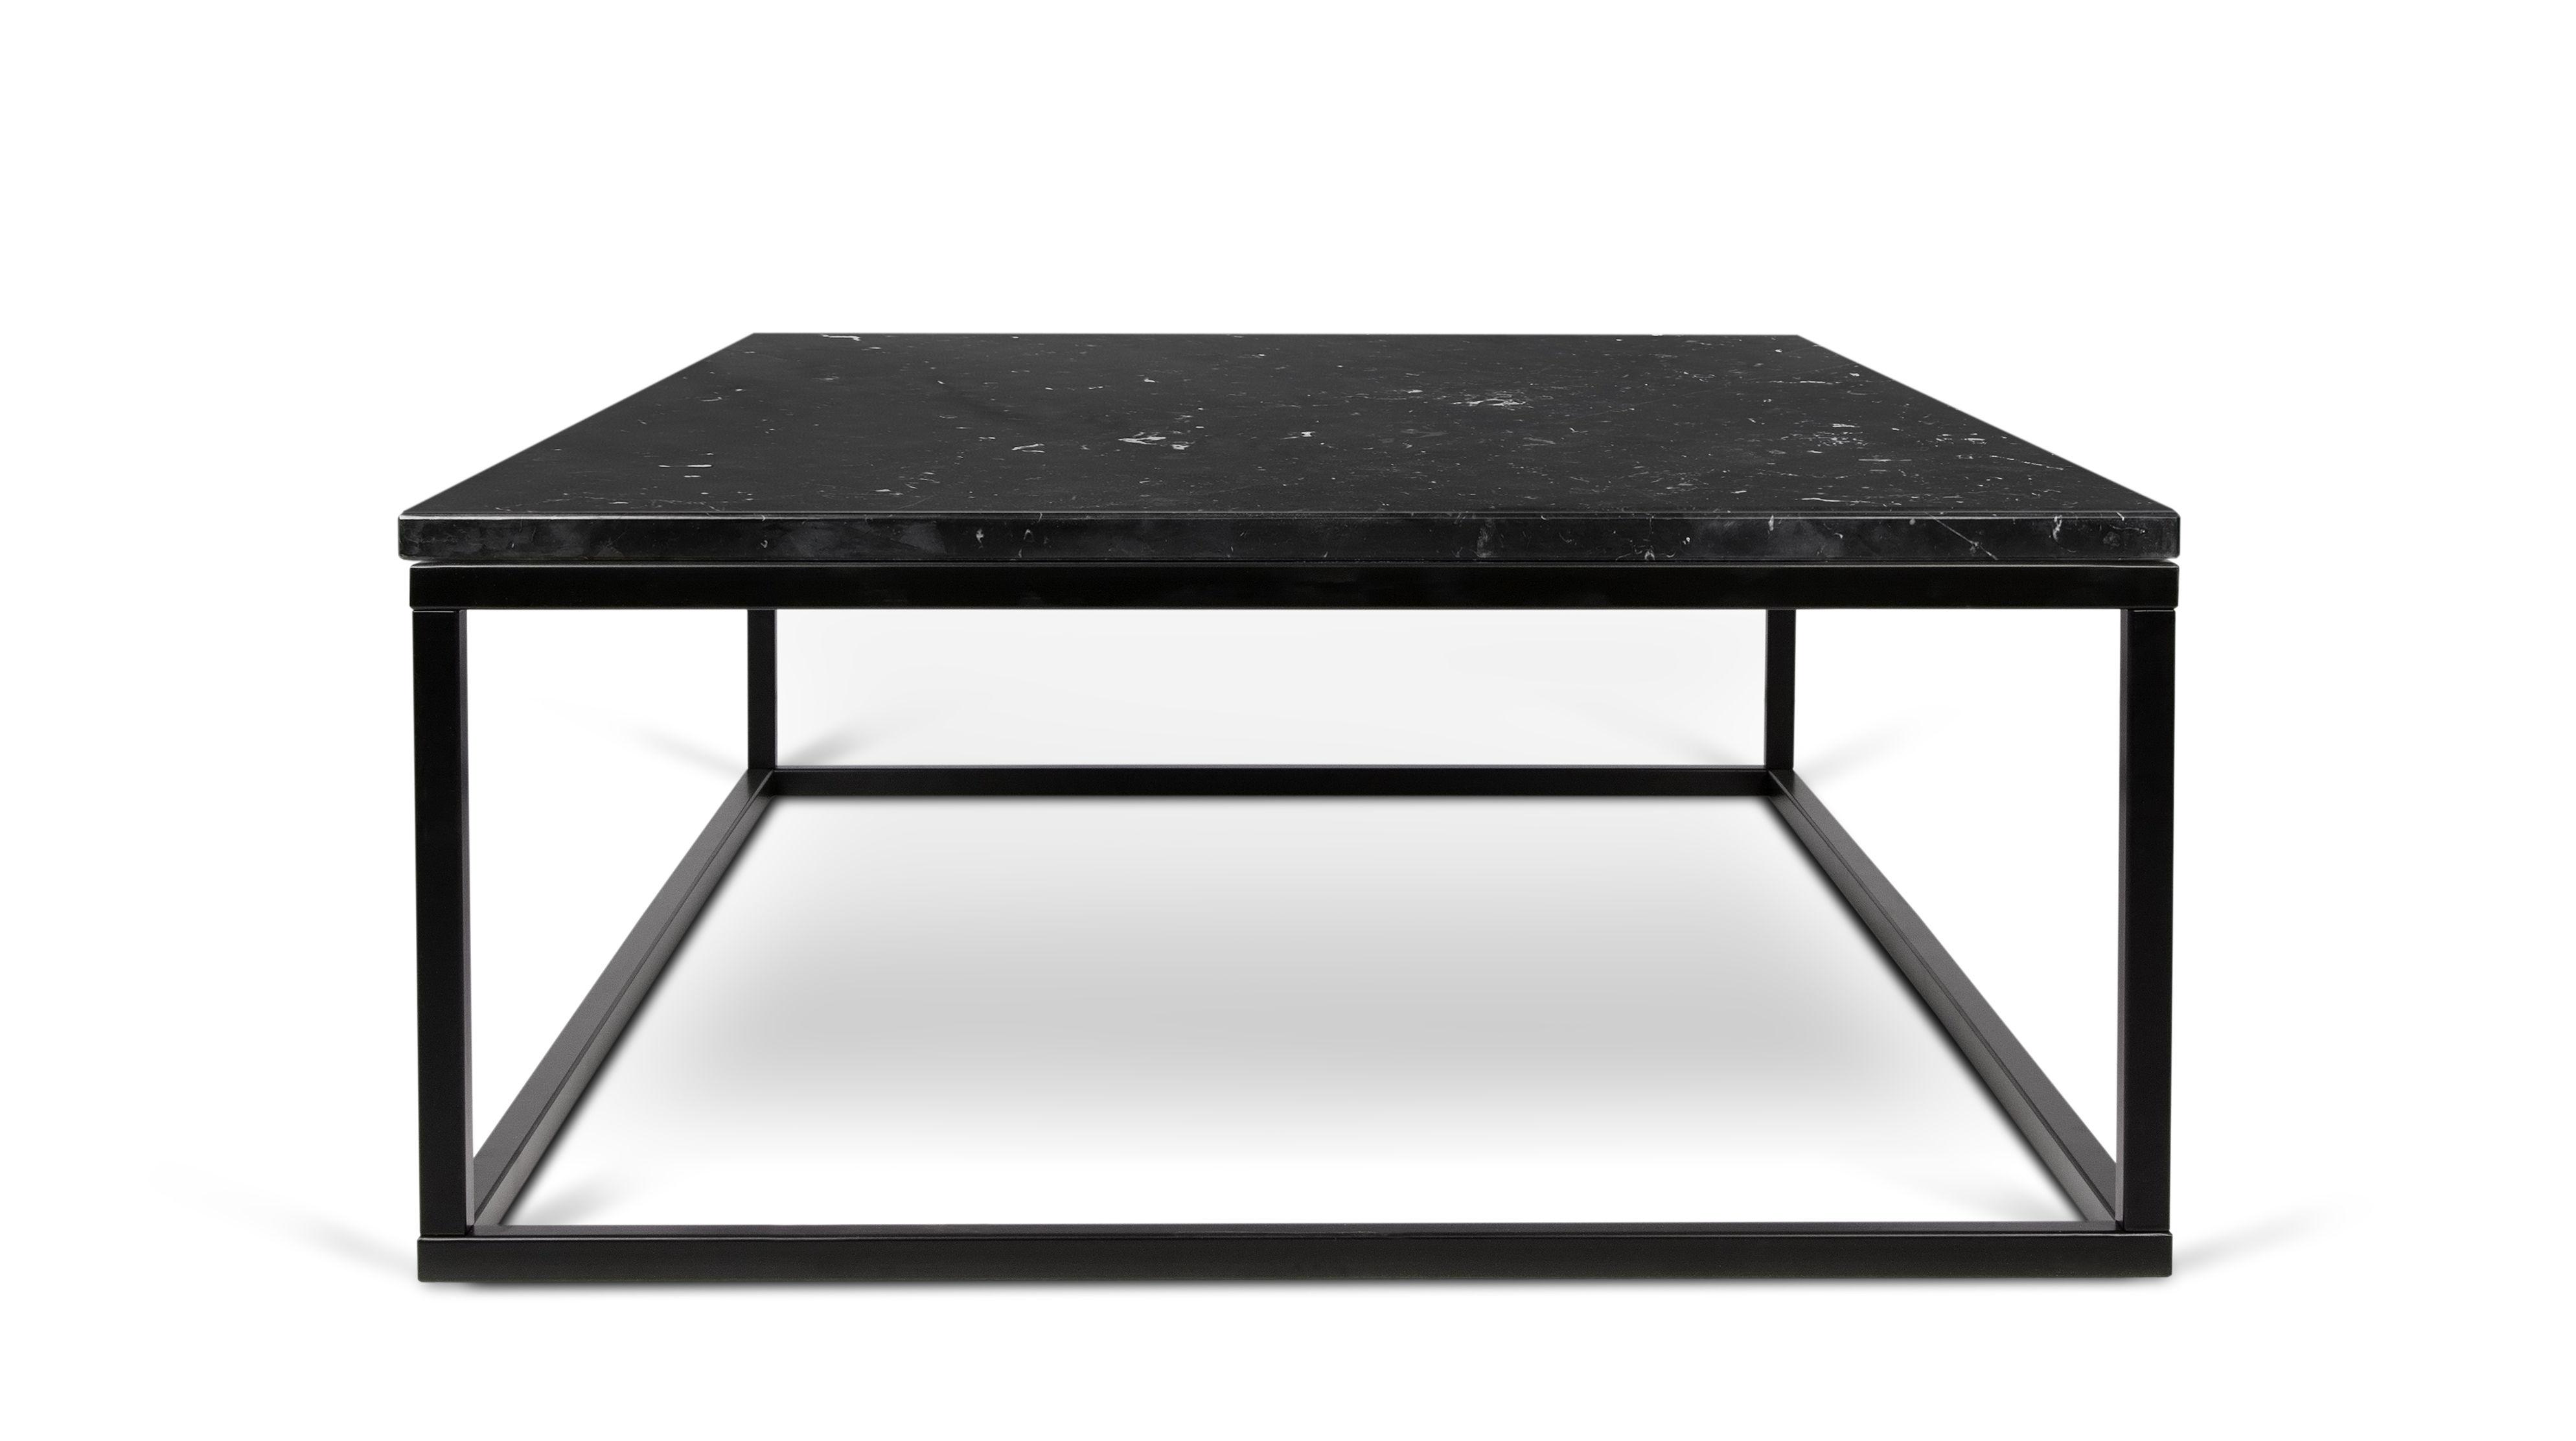 Marble couchtisch marmor 120 x 75 cm tischplatte schwarz tischgestell schwarz by pop up for Couchtisch marmor schwarz